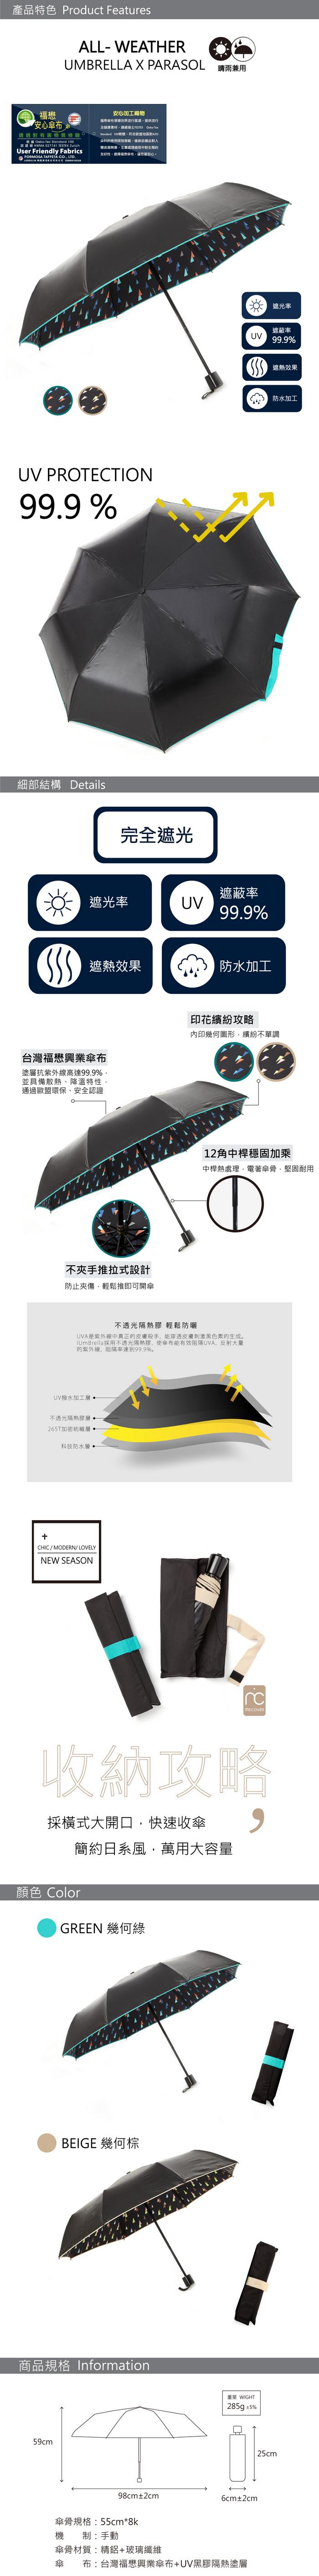 MECOVER【完美防曬】零透光黑膠加大手開傘-幾何綠